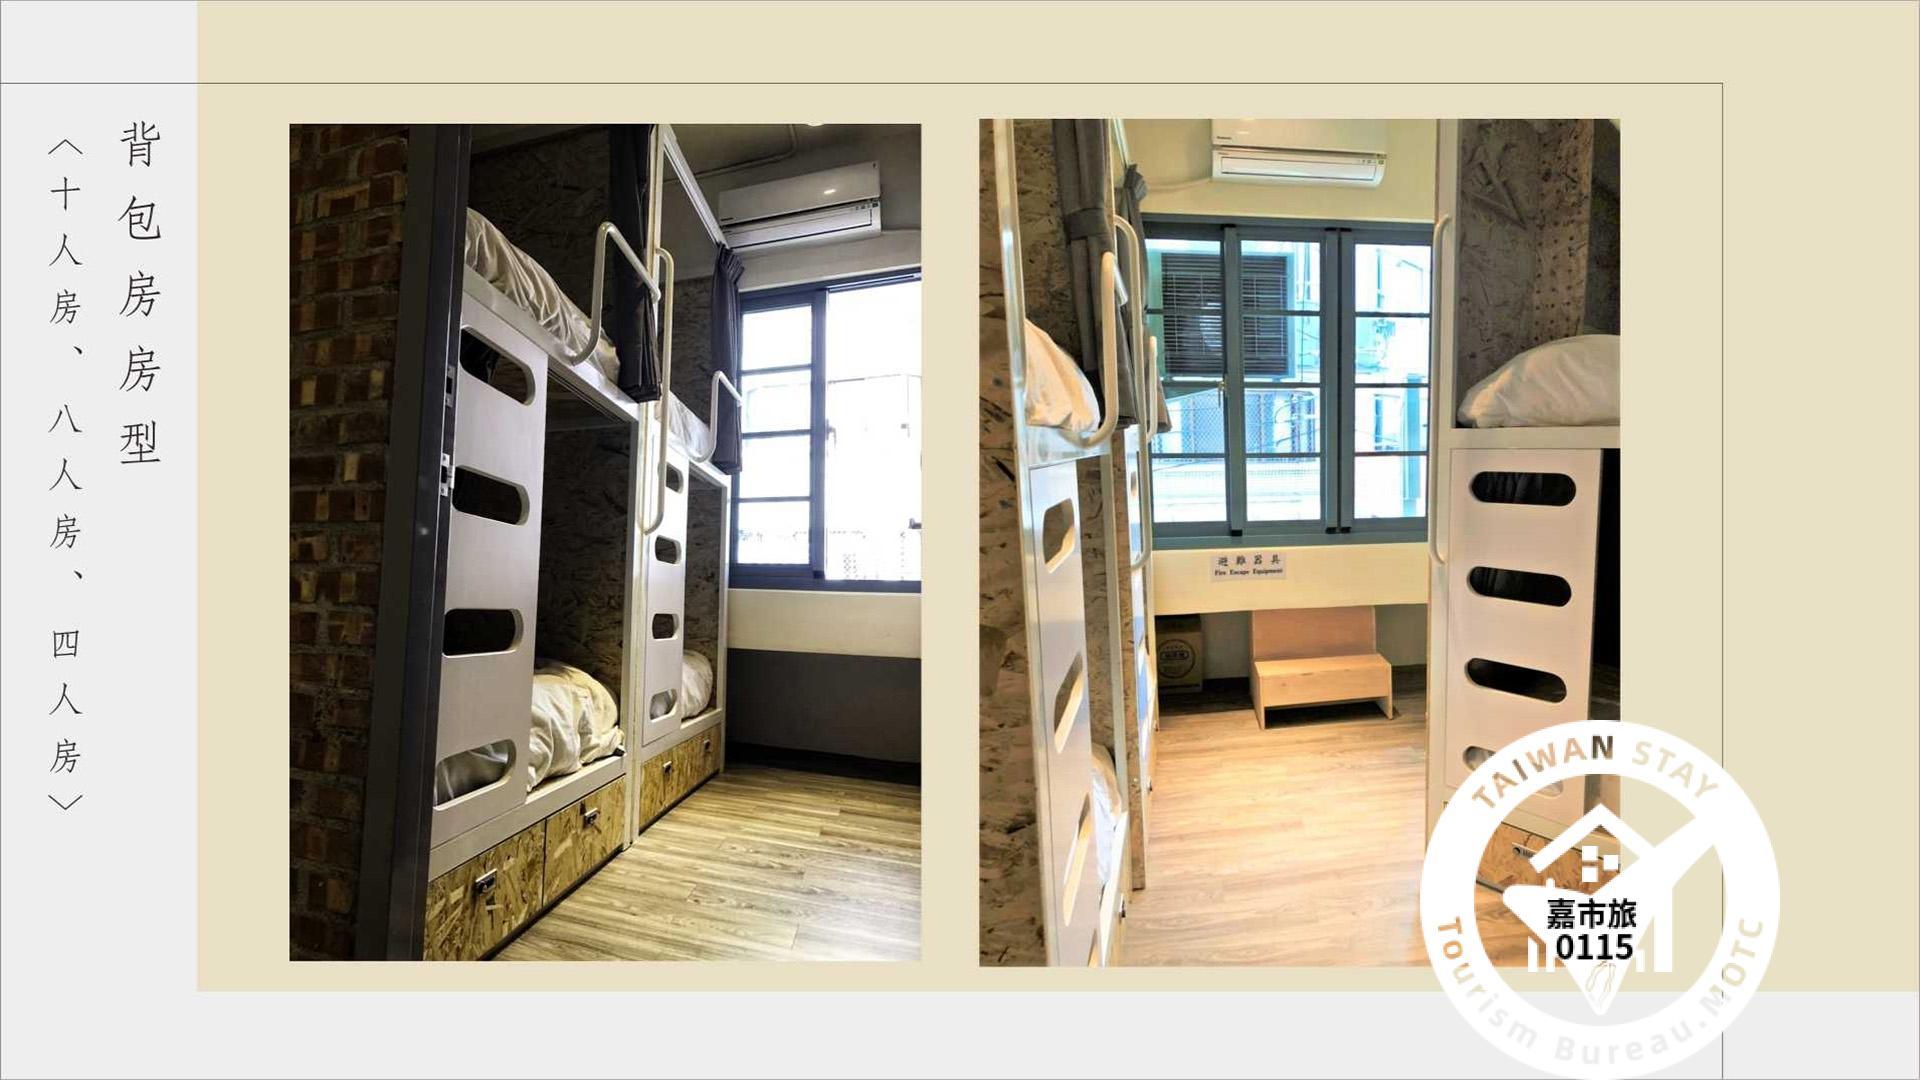 6床混和宿舍照片_1